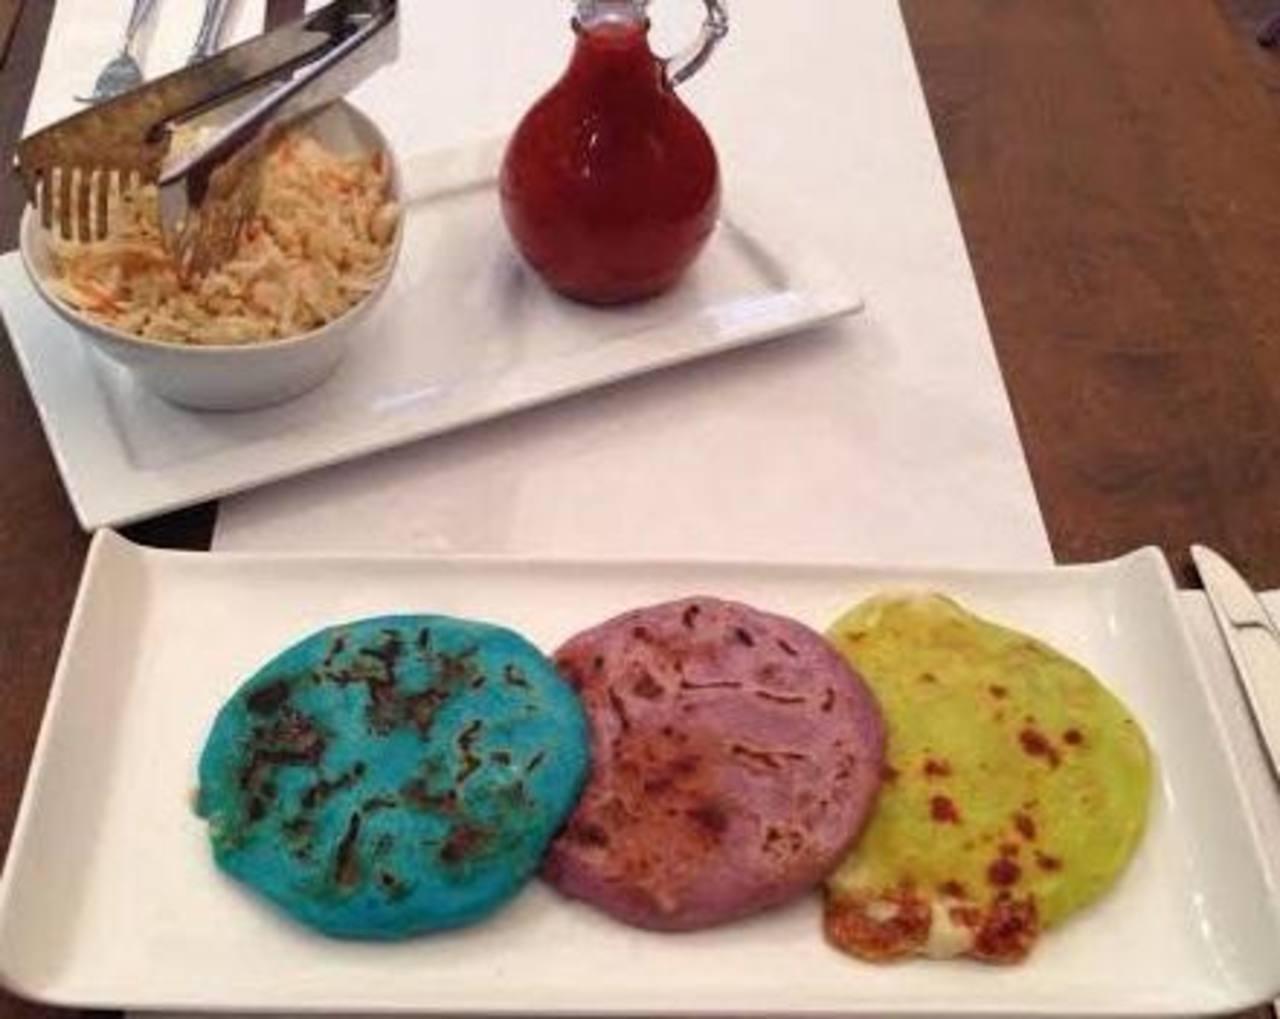 Las pupusas encabeza un menú variado; ofrecen tanto las tradicionales de maíz y arroz